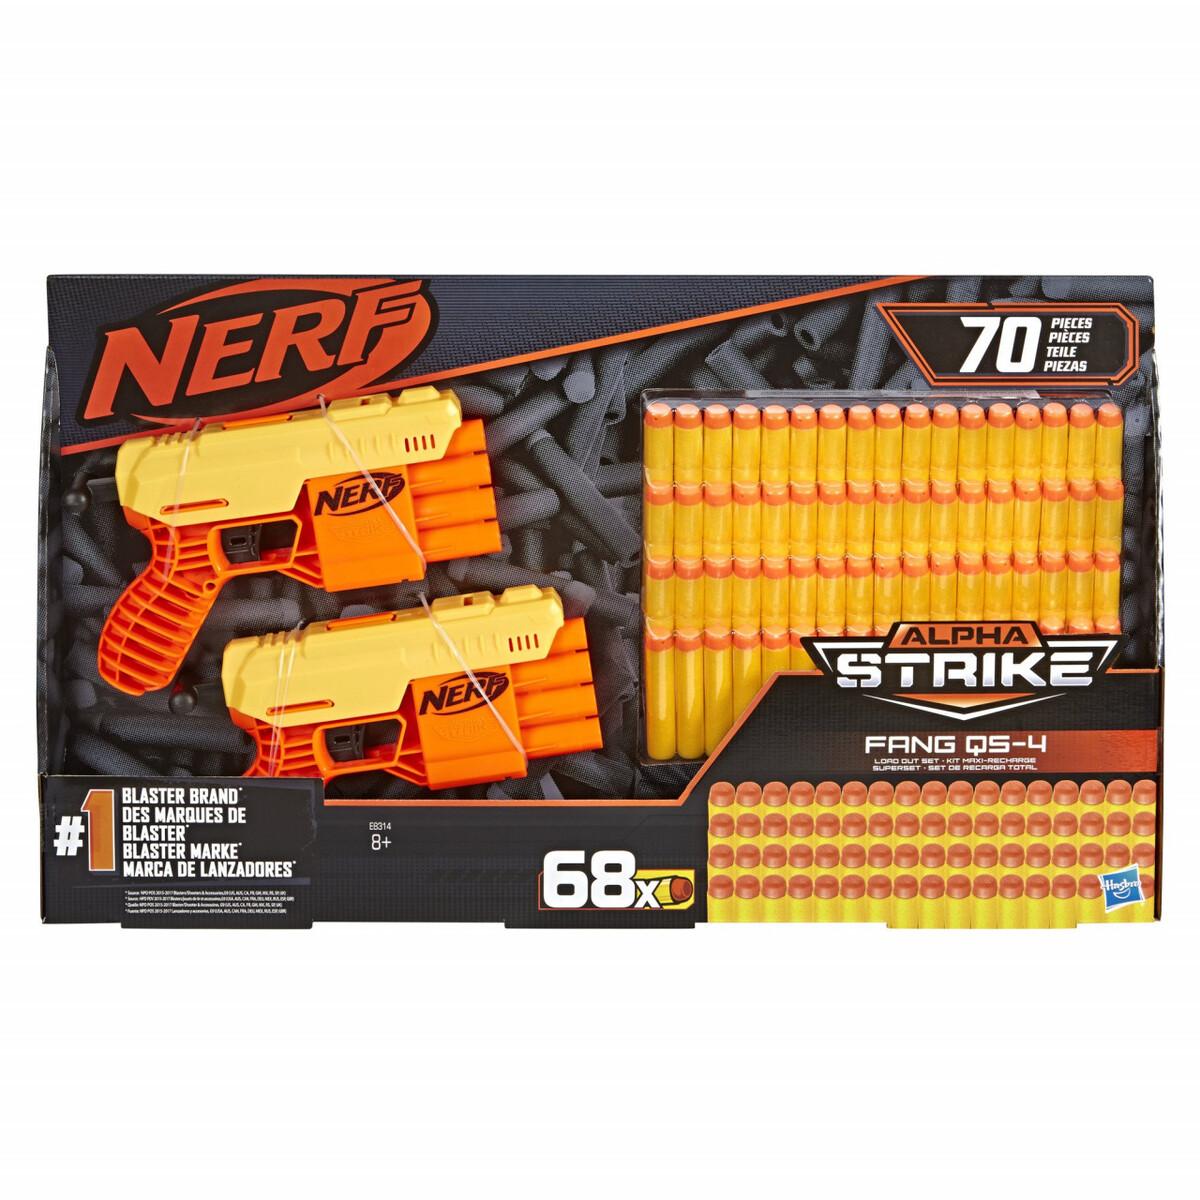 Bild 1 von Nerf Alpha Strike Fang Dart-Blaster